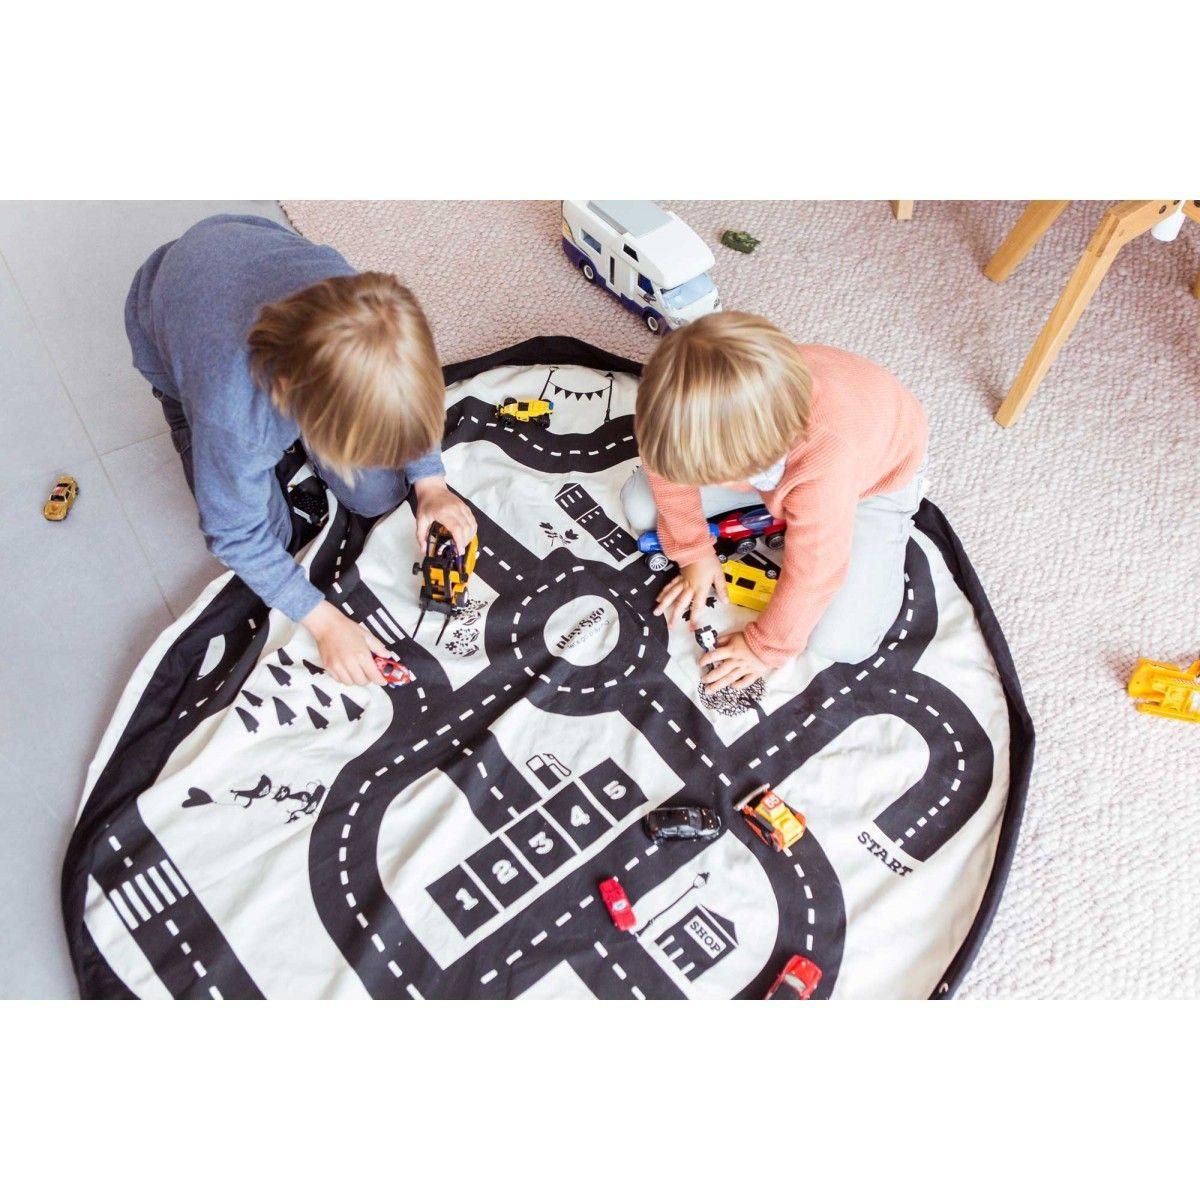 sac de rangement tapis de jeu circuit voiture roadmap play go maison pinterest toy. Black Bedroom Furniture Sets. Home Design Ideas